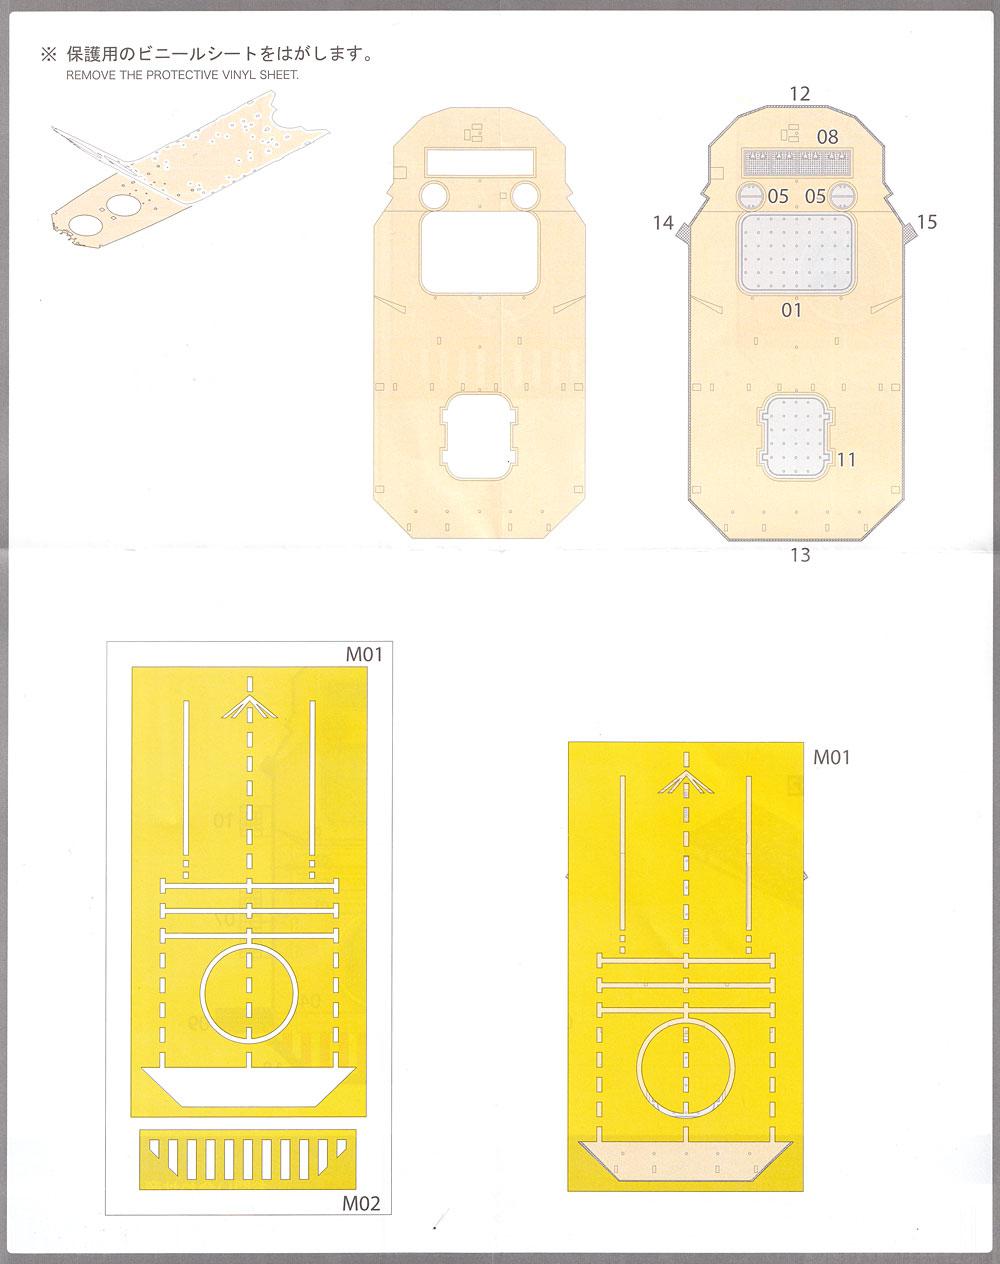 ちび丸艦隊 龍驤 純正木甲板シール木製甲板(フジミちび丸グレードアップパーツNo.ちび丸Gup-023)商品画像_2